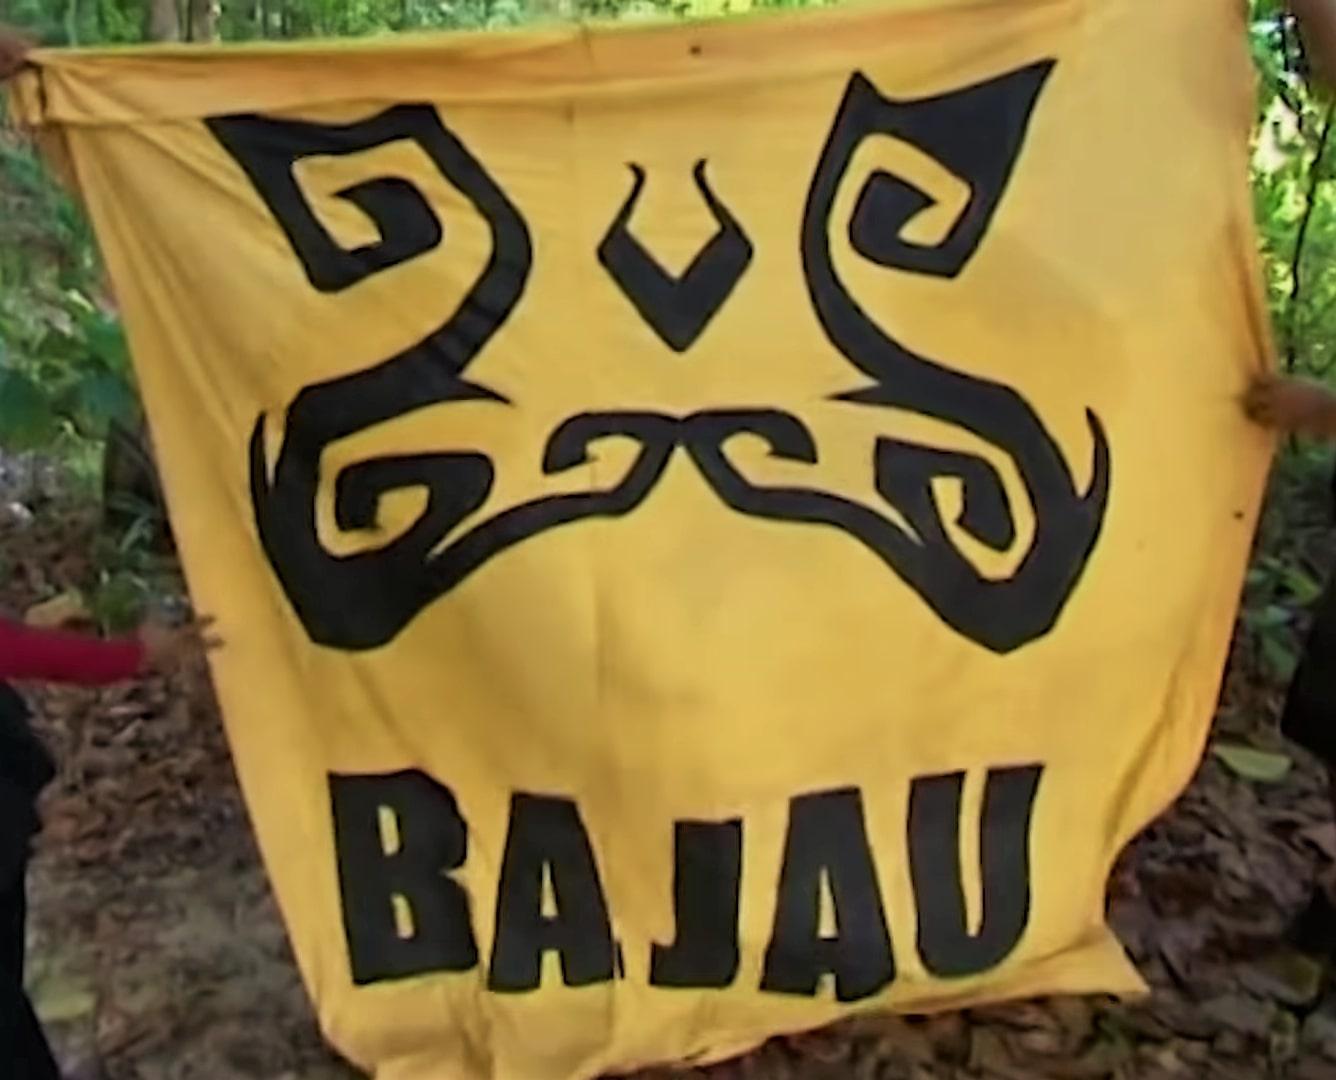 File:Bajau flag.jpg